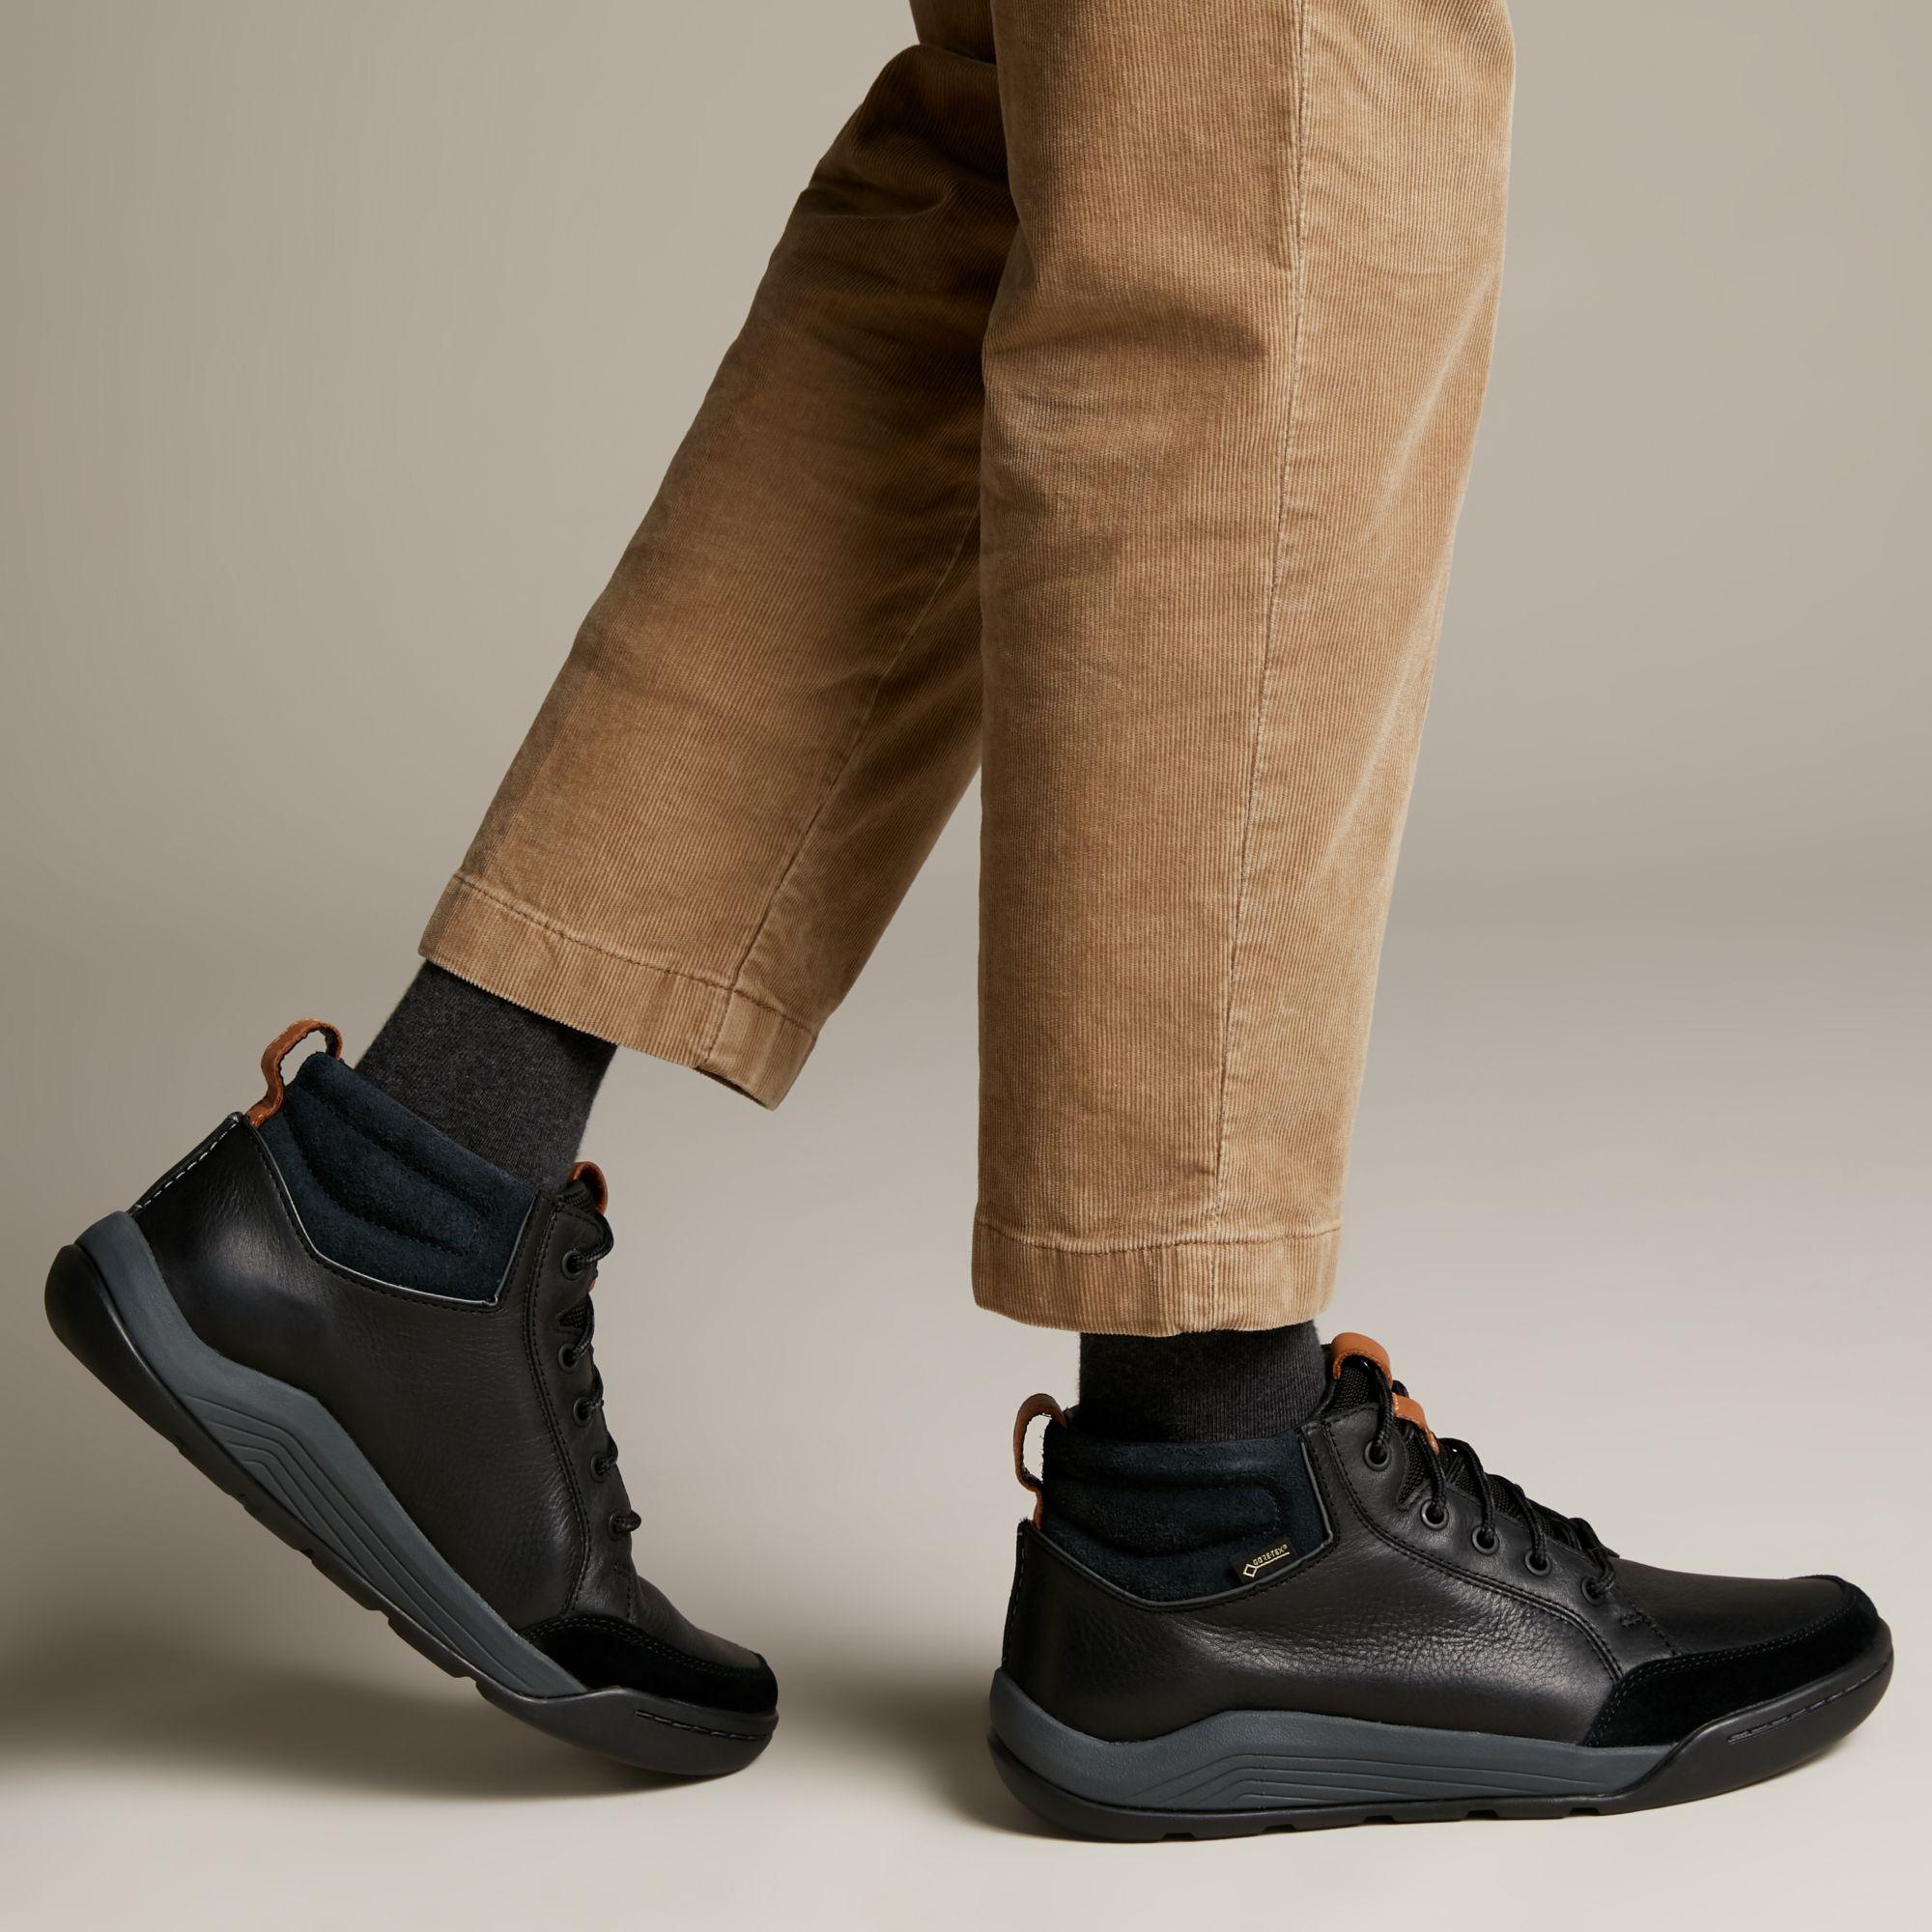 Мъжки обувки Clarks Ashcombe Mid Gore-Tex естествена кожа - снимка 8